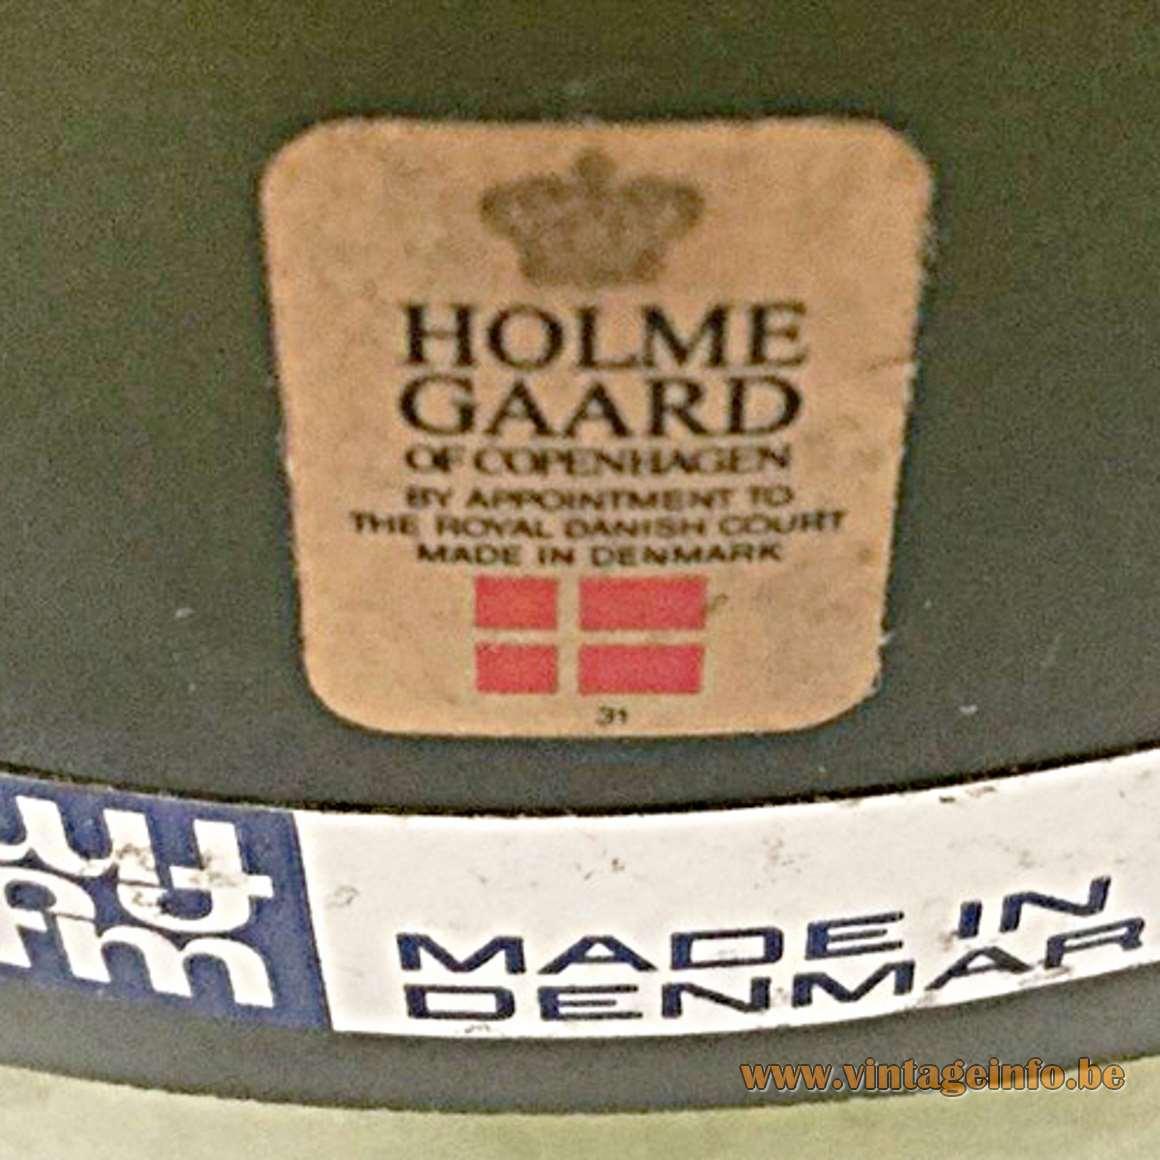 Fog & Morup Pompeï Olive Green Pendant Light - Holmegaard label & F&M label